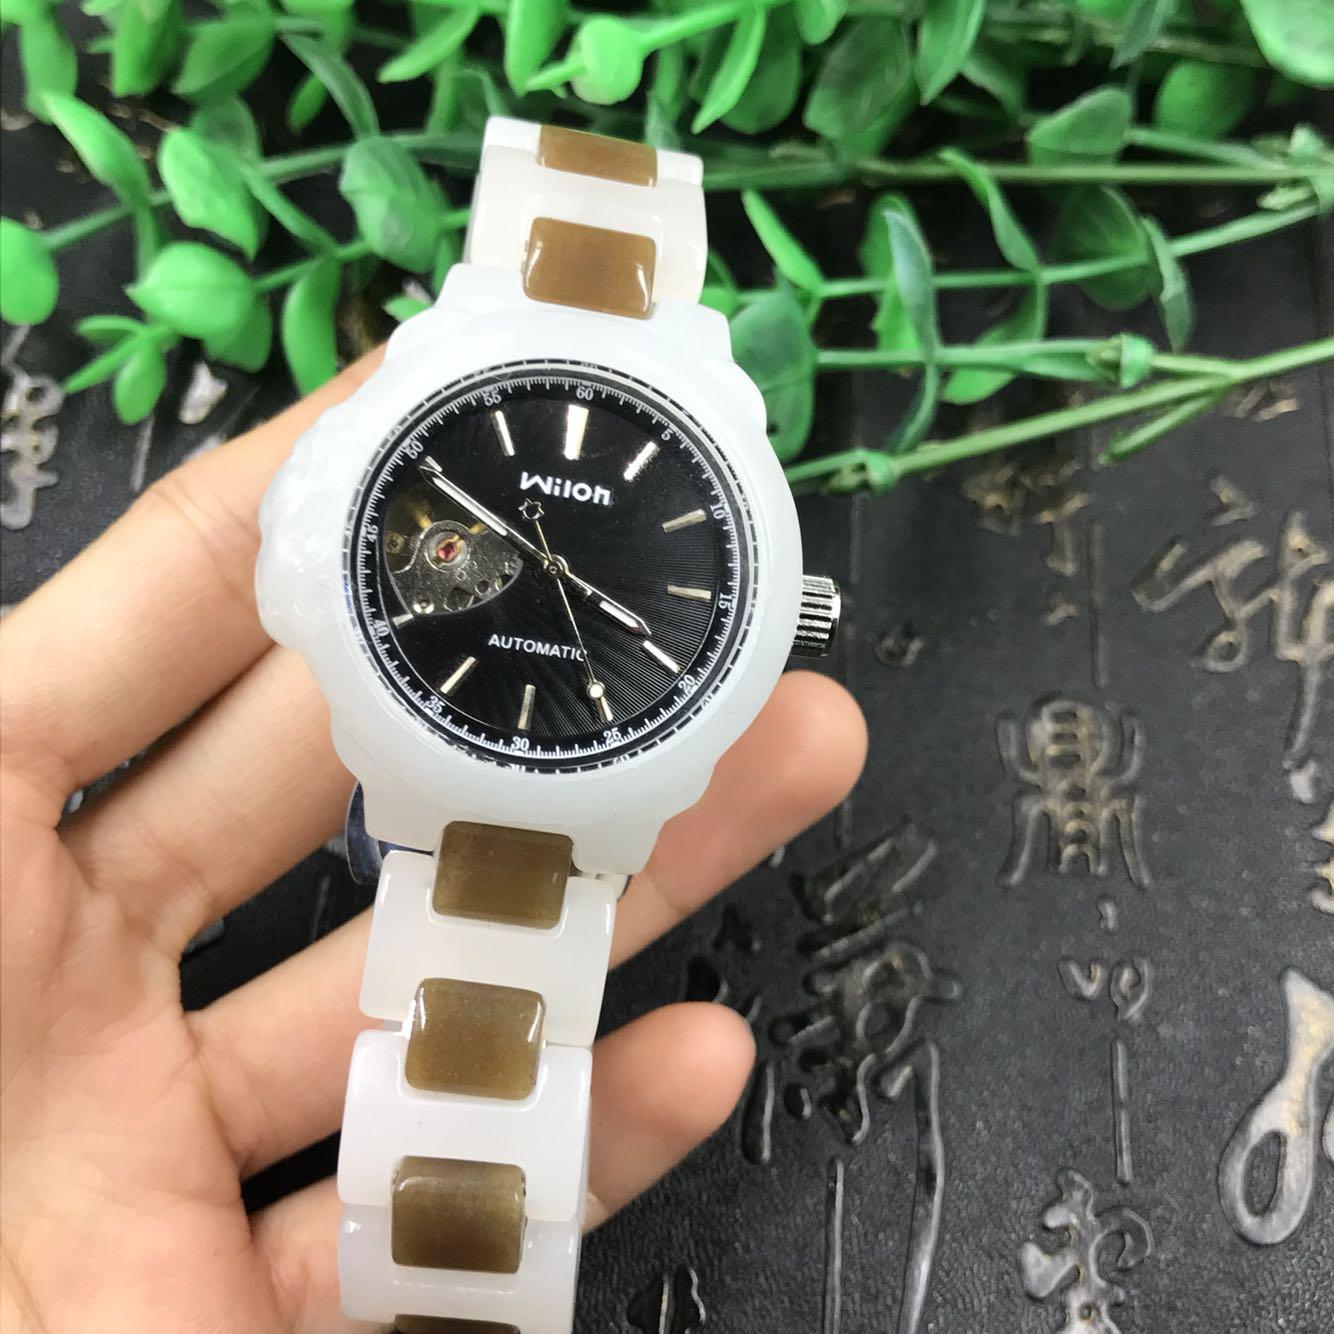 新疆と田玉白玉の白い度の良い機械時計の腕時計は争って分を争って秒のペンダントの85グラムを包んで男性の金を郵送します。